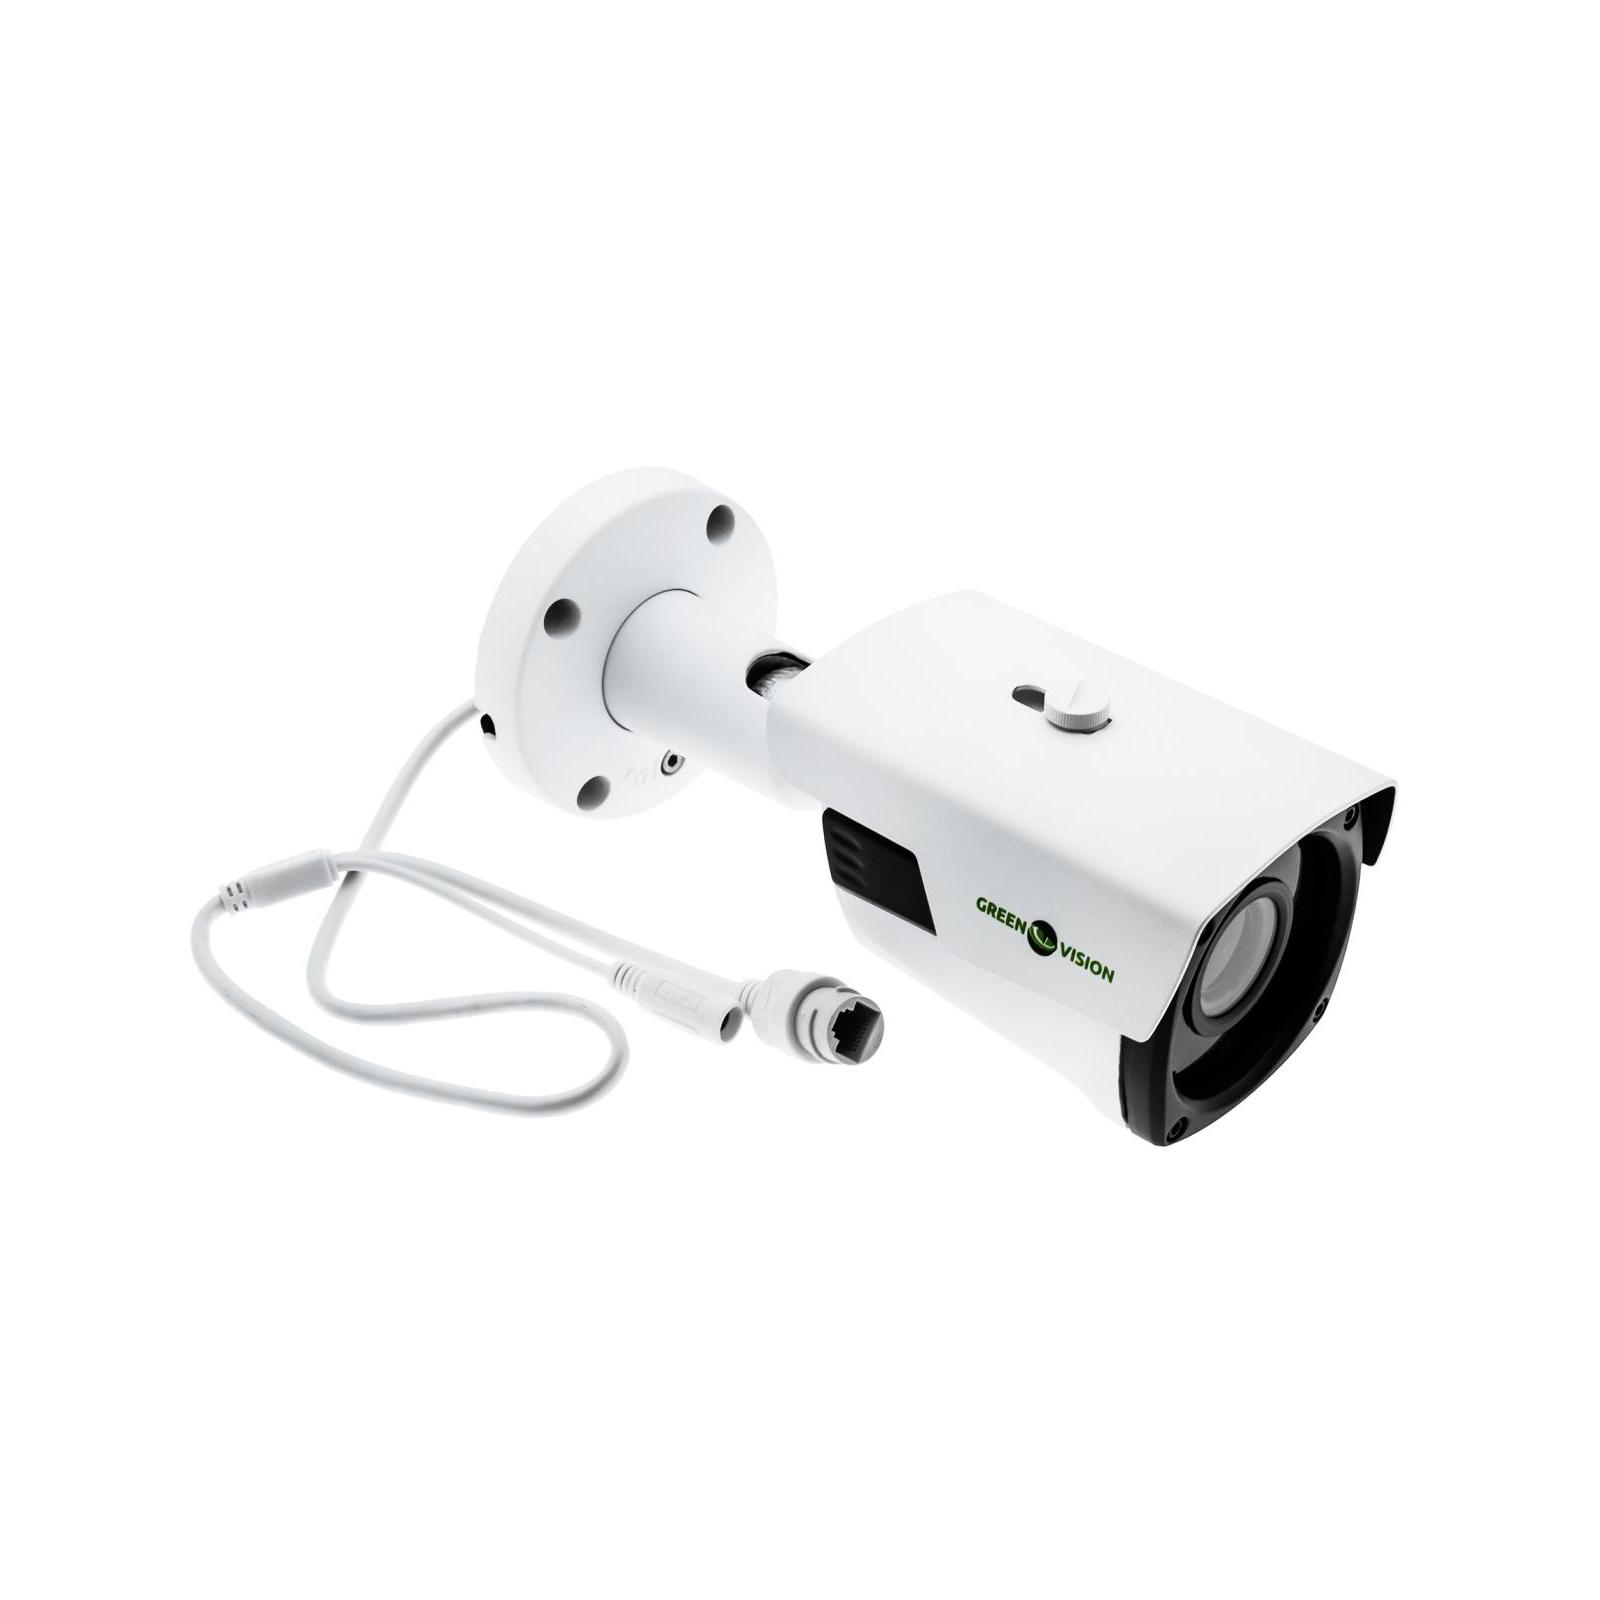 Камера видеонаблюдения Greenvision GV-081-IP-E-COS40VM-40 (6629) изображение 6